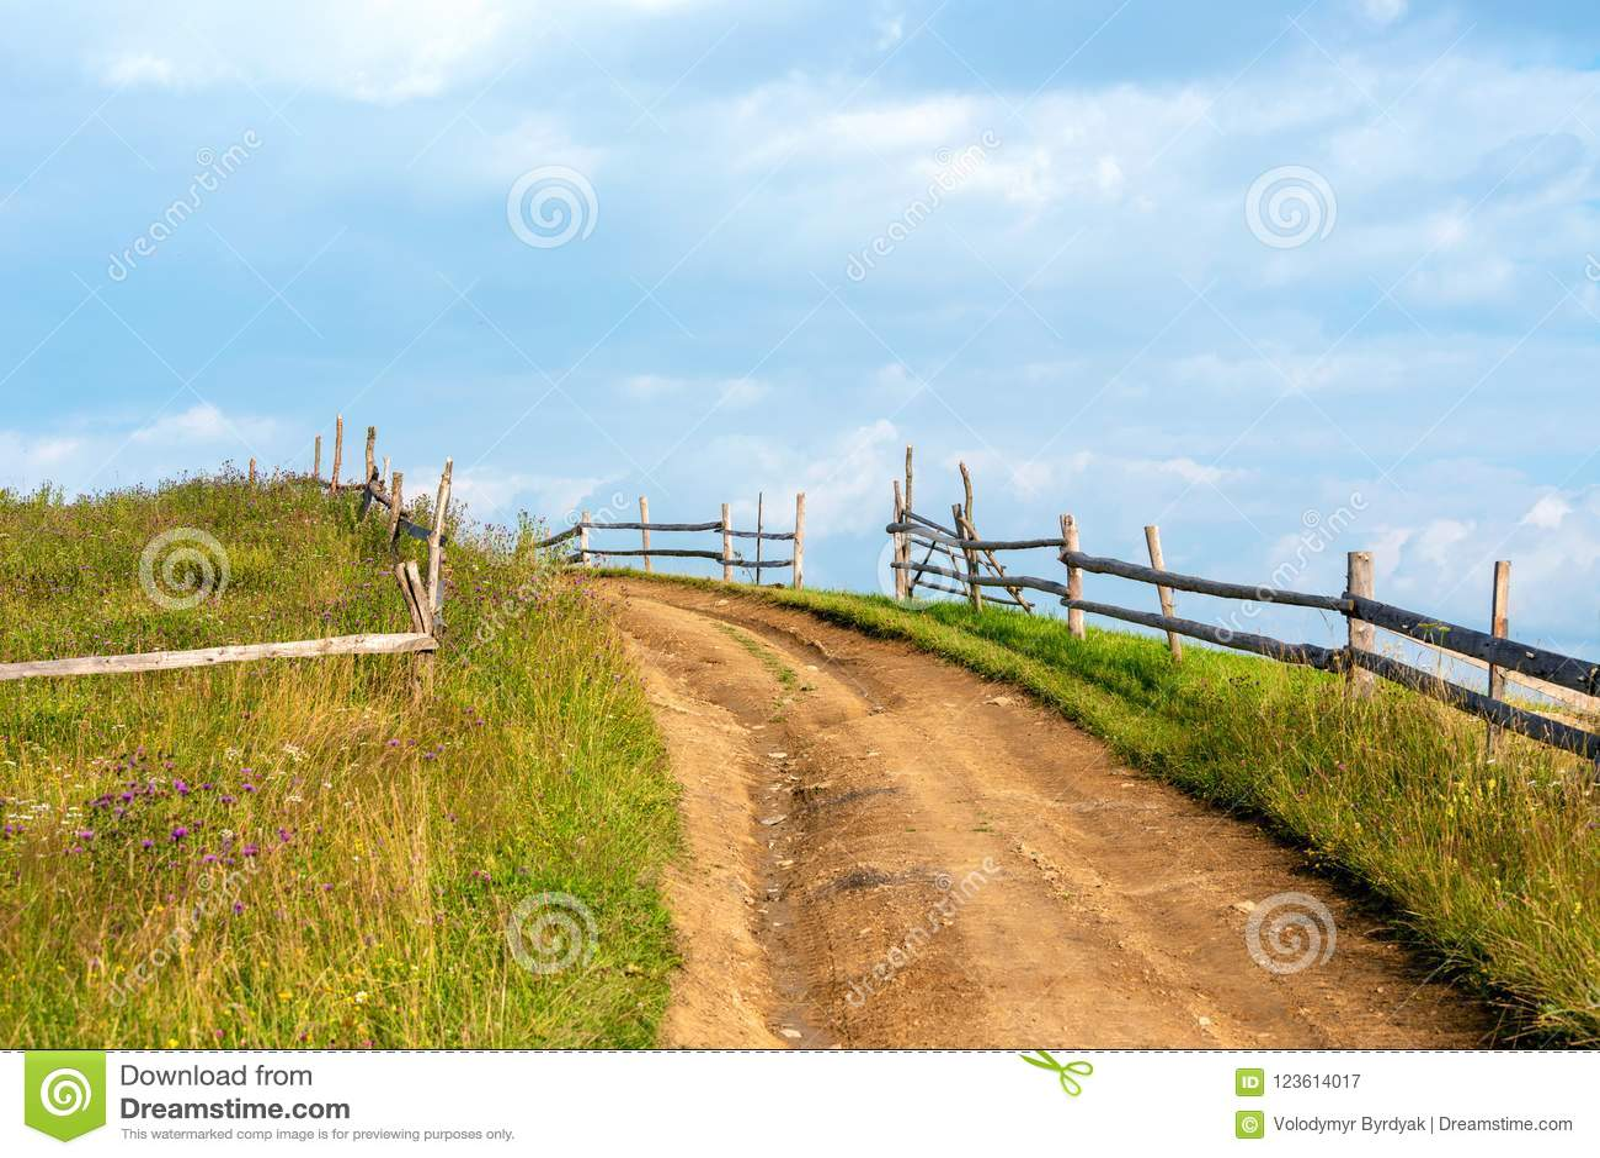 Lever de soleil dans un domaine sur une route rurale